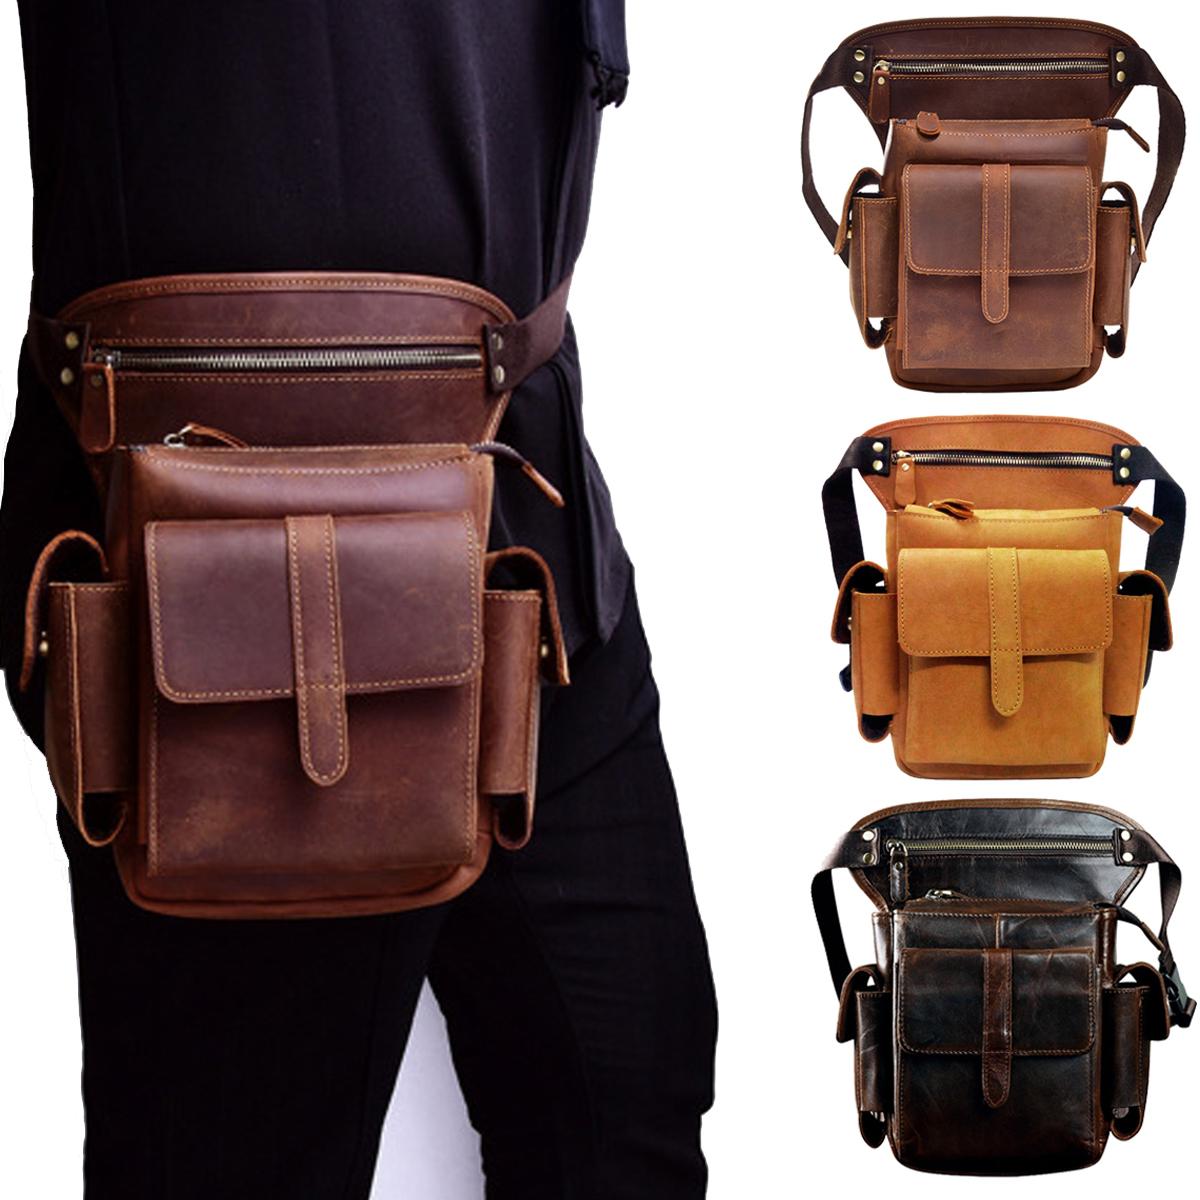 Vintage Waist Bag Leather Drop Leg Bag Men Women Bum Bag Multi Function